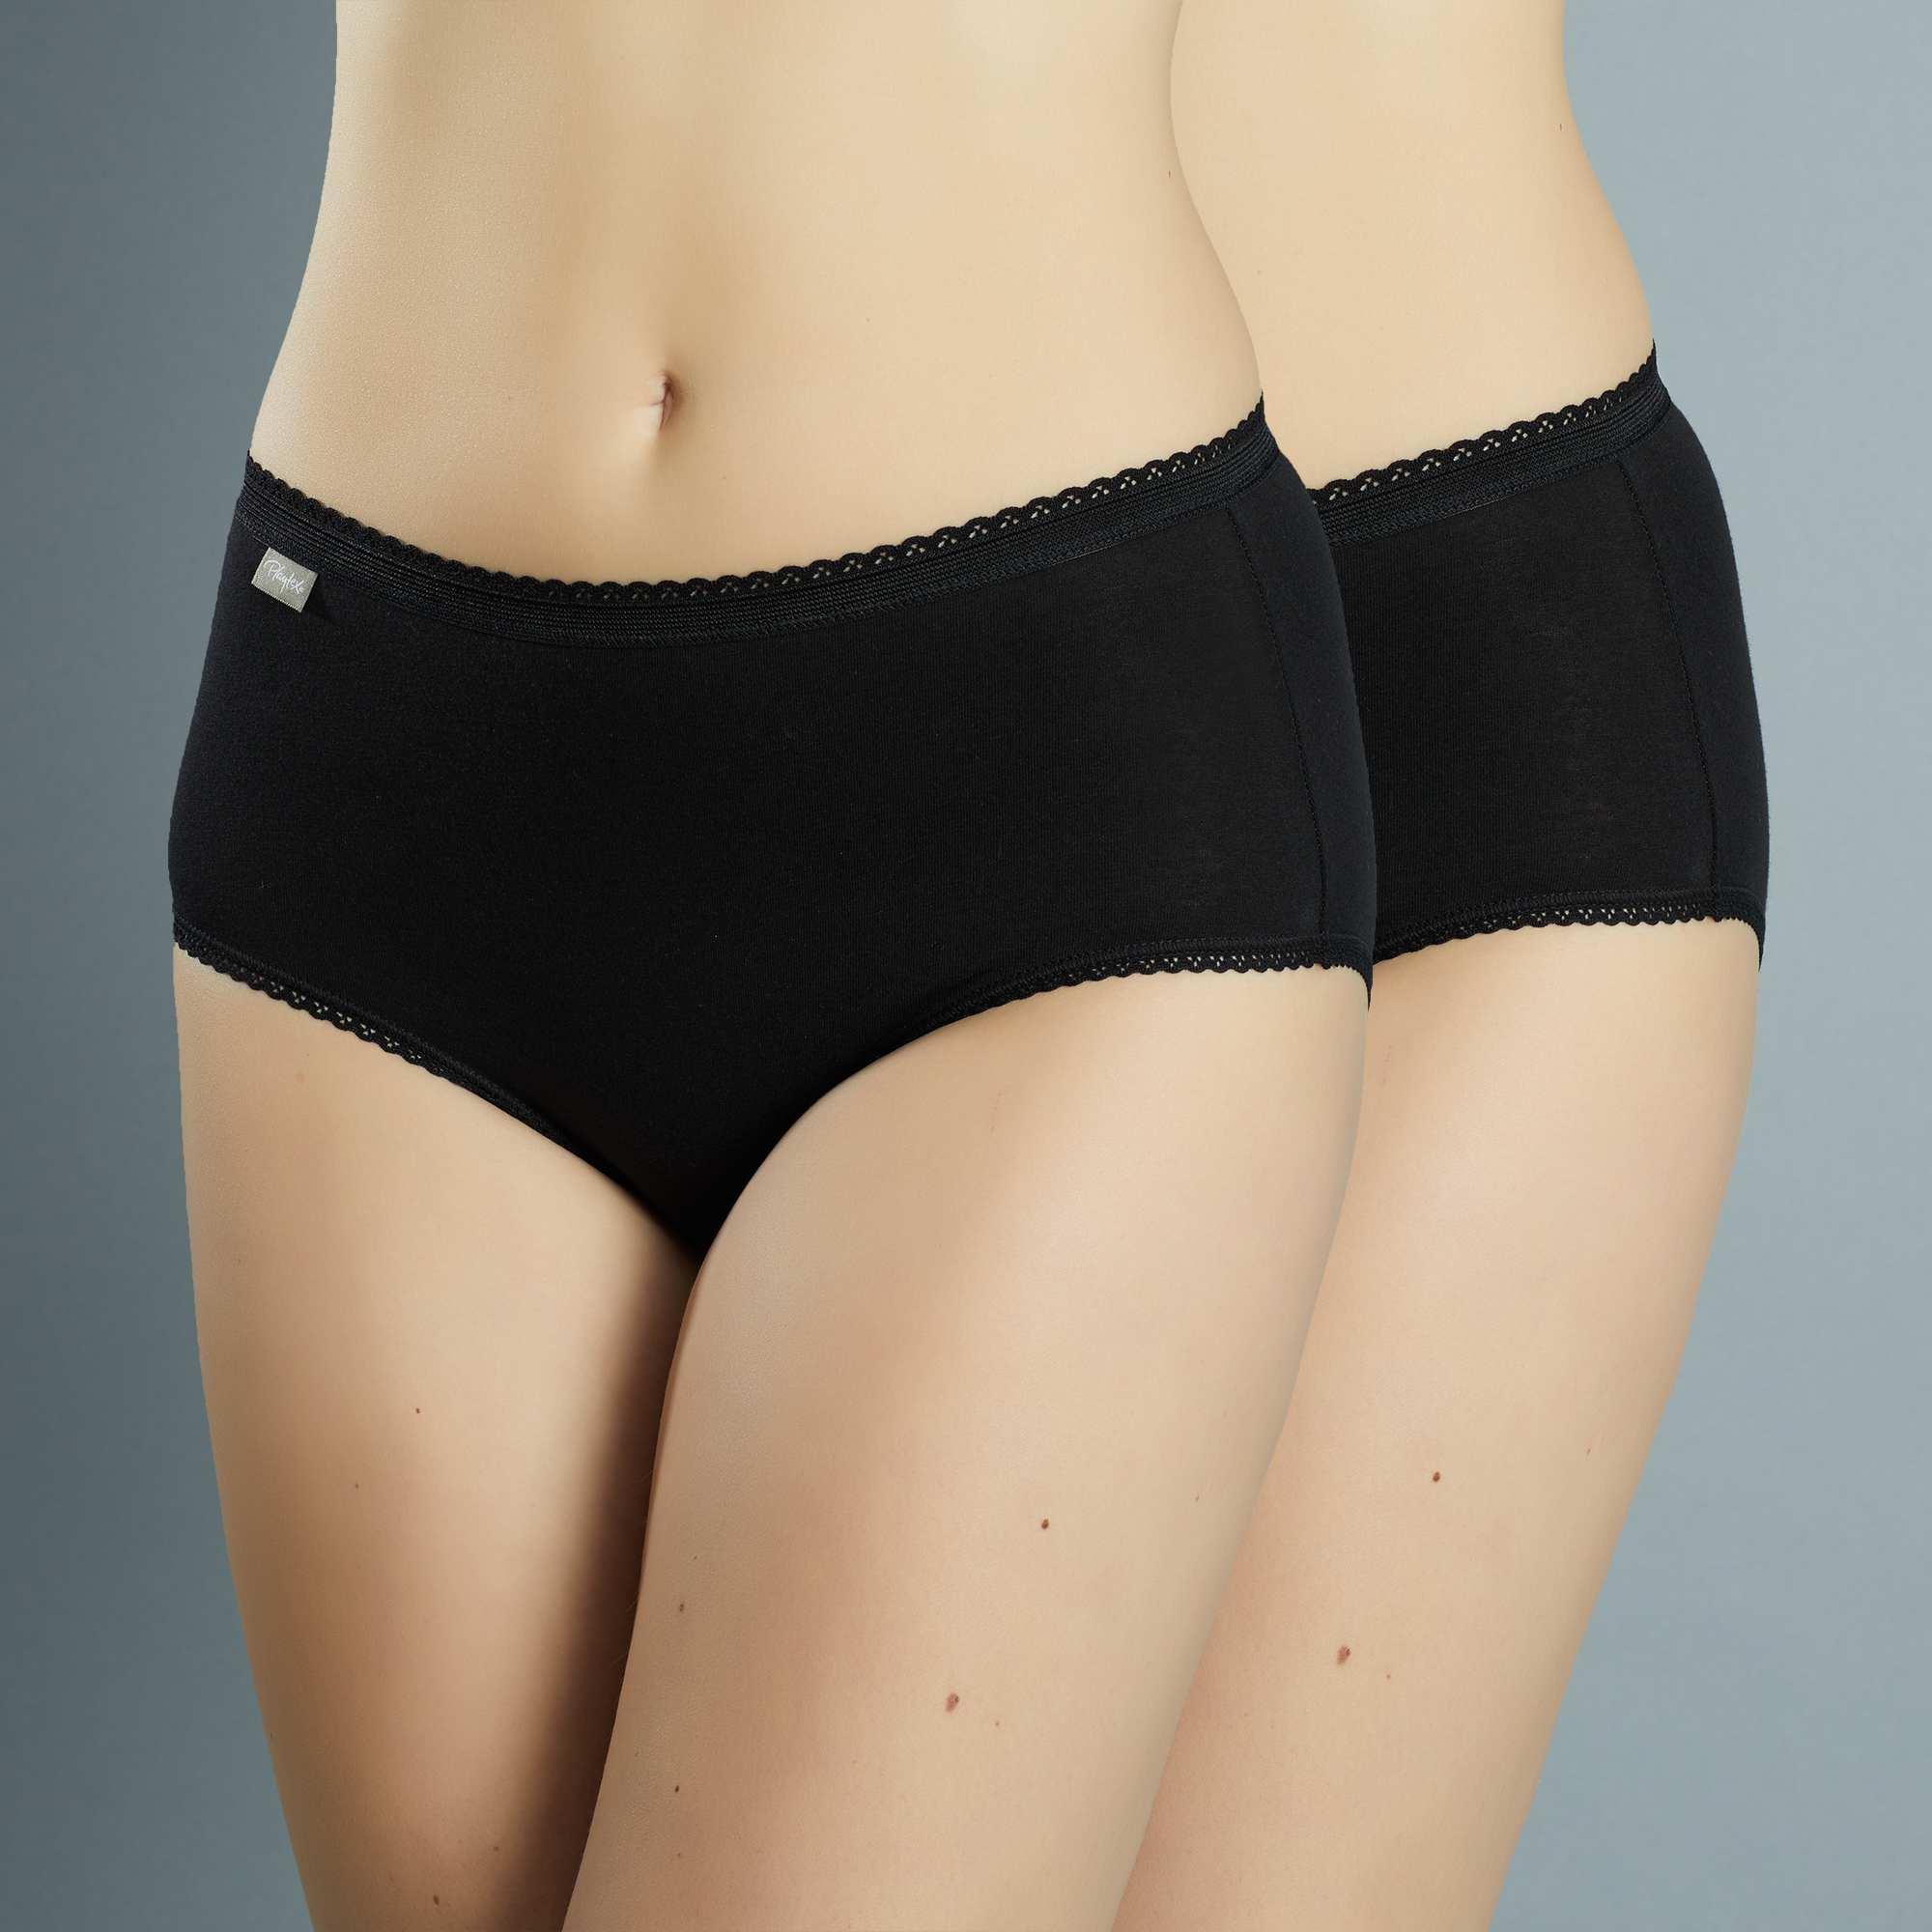 Couleur : blanc, noir, ,, - Taille : 54, 52, 48,50,46Une coupe parfaitement ajustée pour une ligne basique très féminine, à porter au